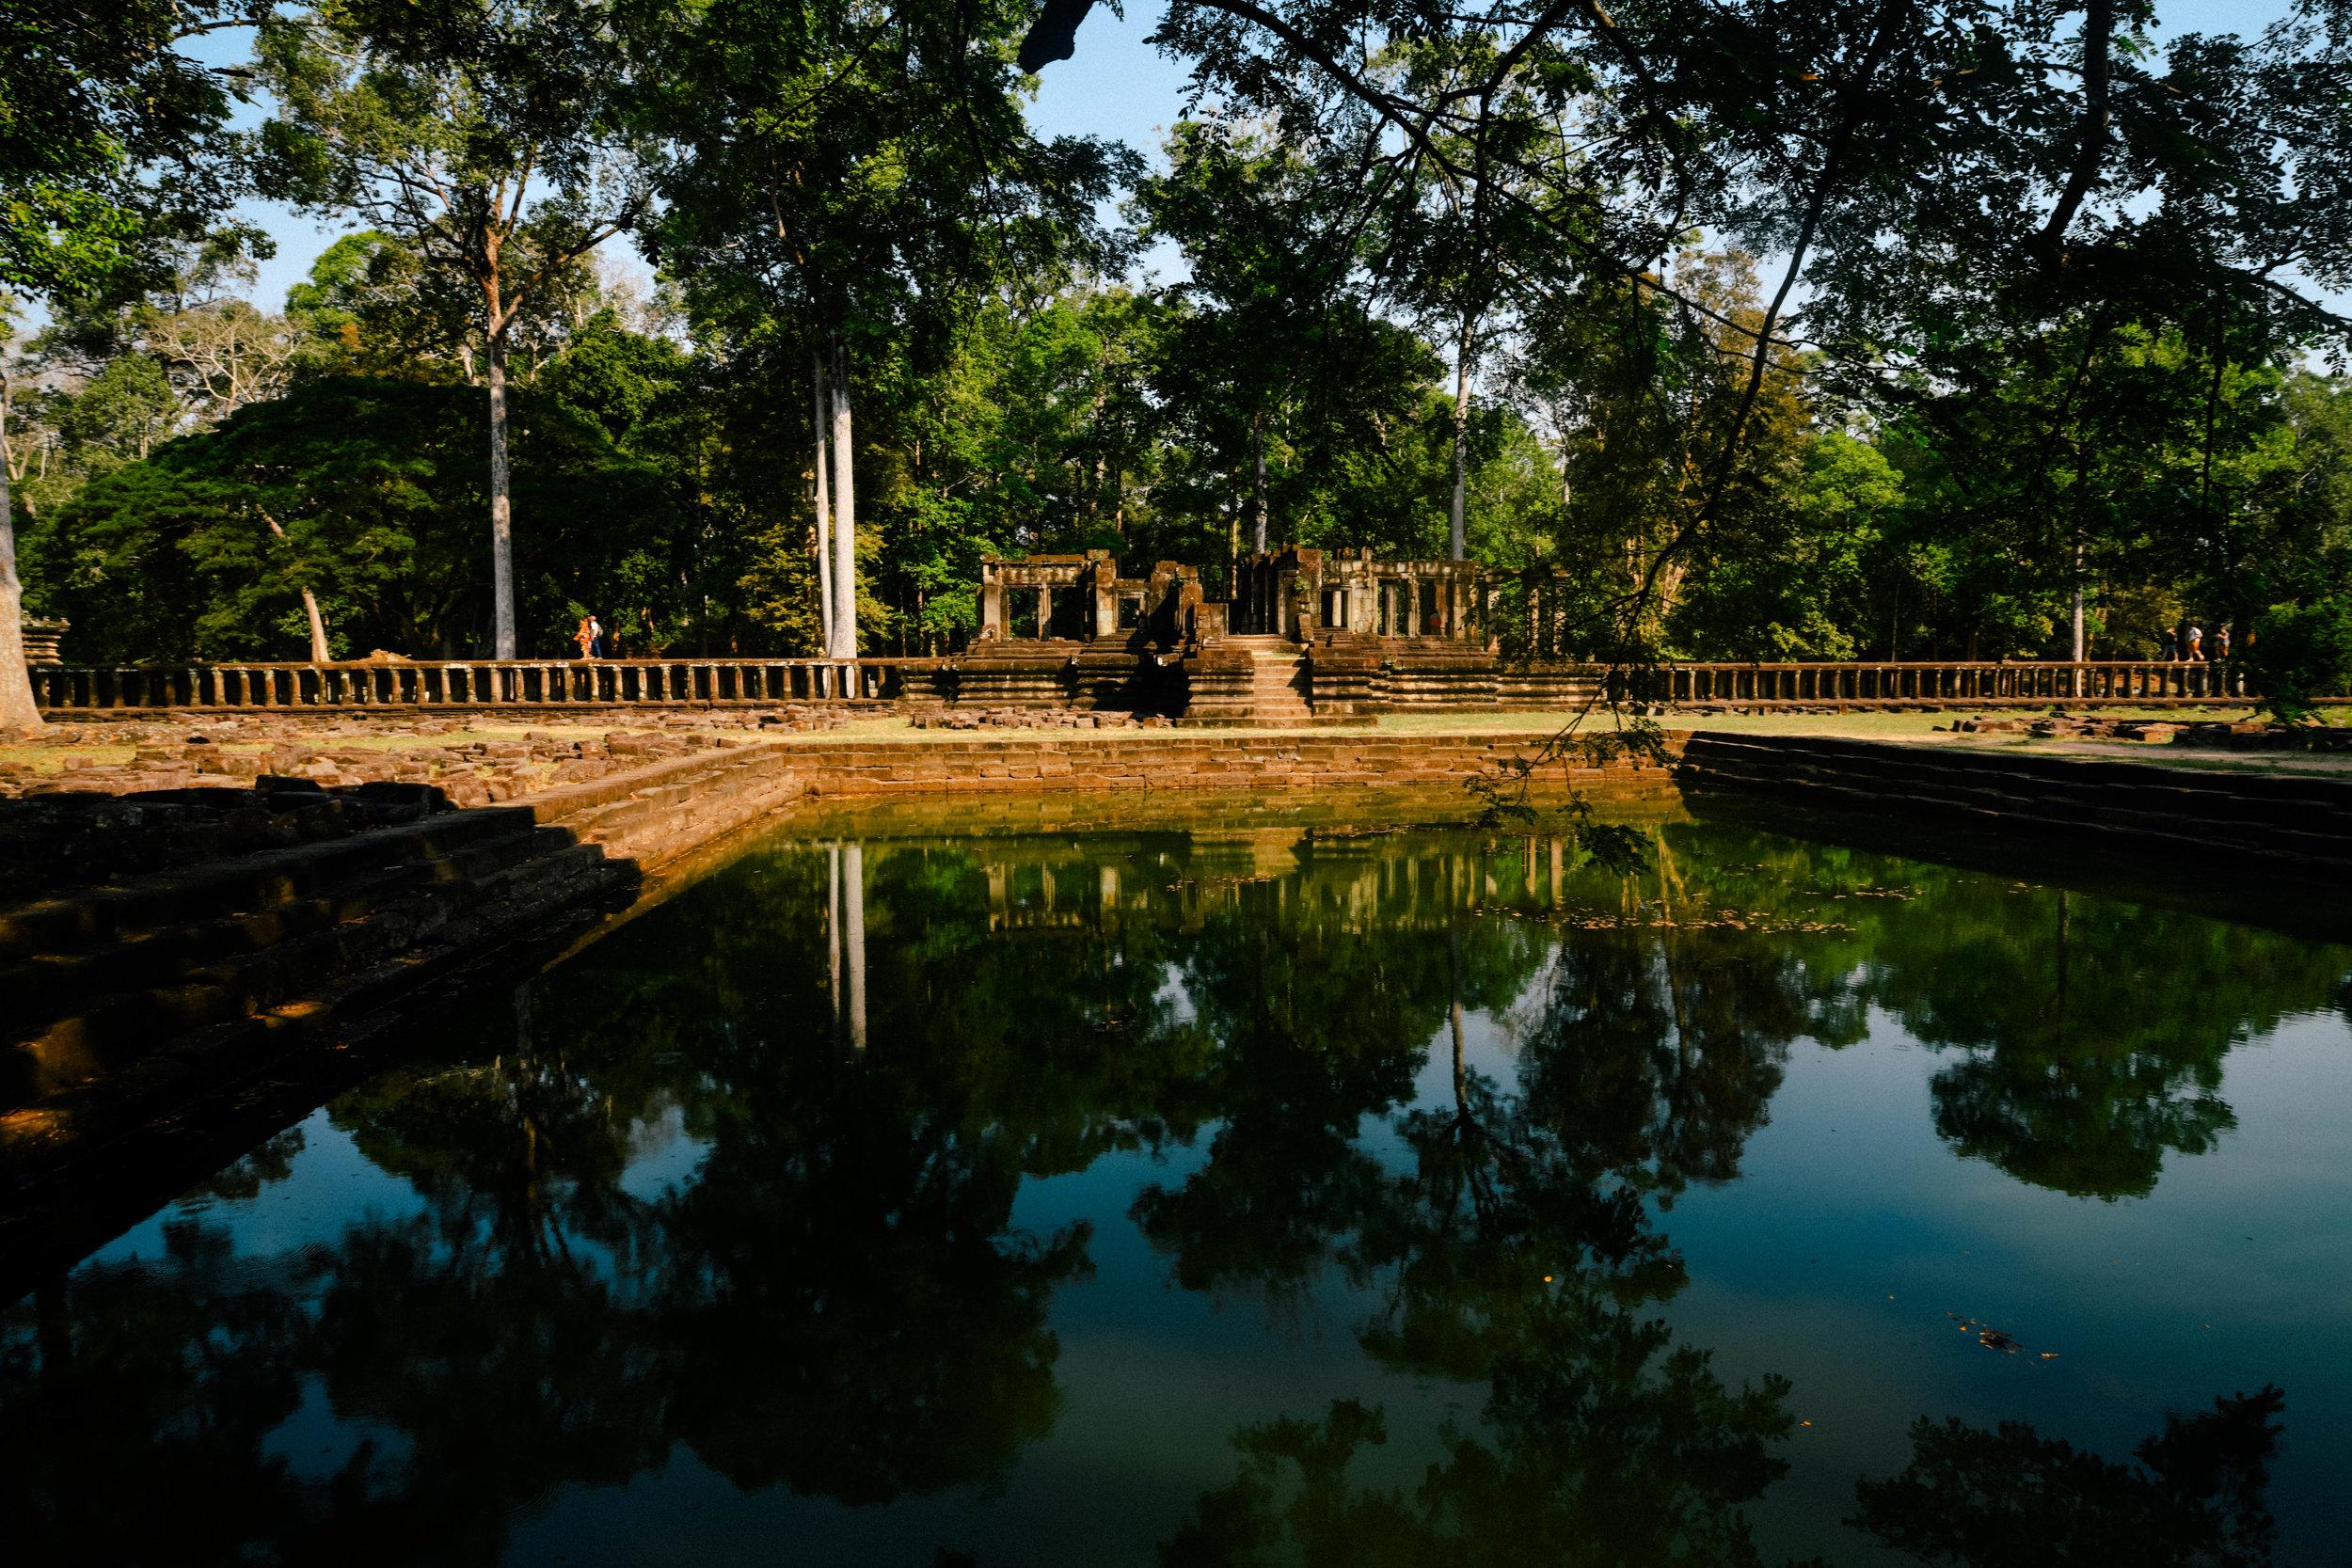 reflection-lake-angkor-wat